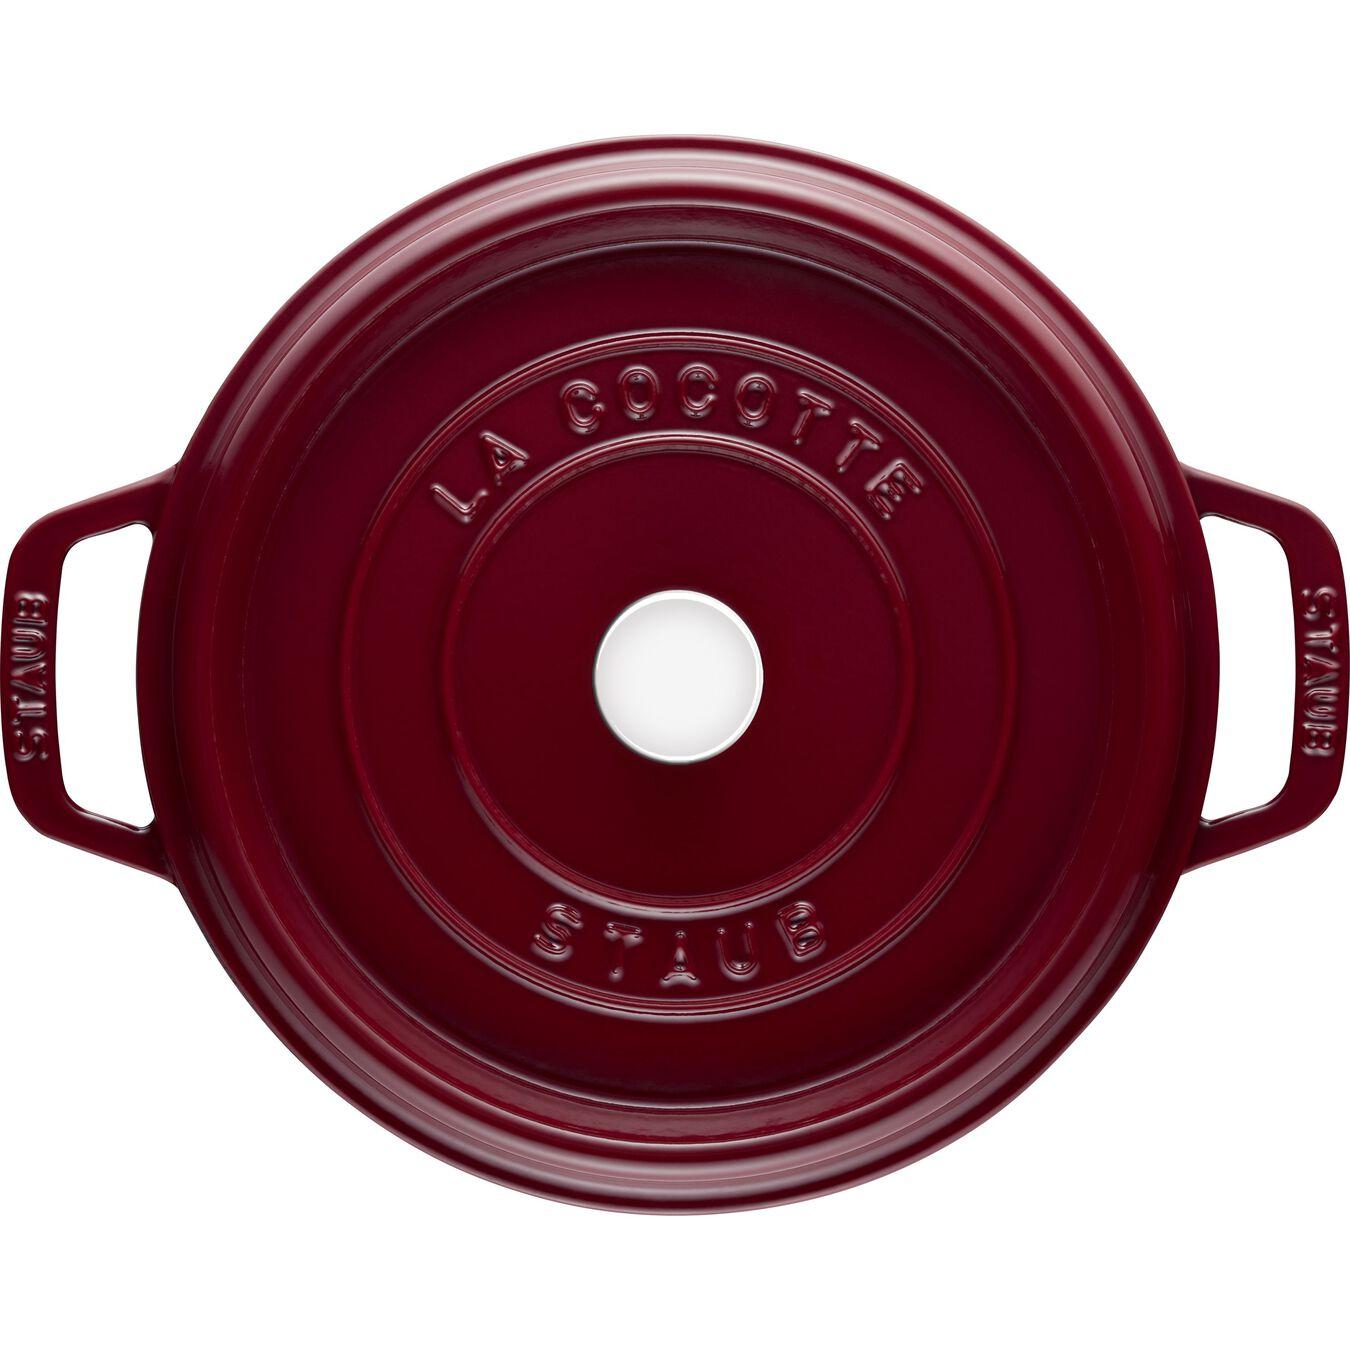 Cocotte 28 cm, rund, Bordeaux, Gusseisen,,large 3